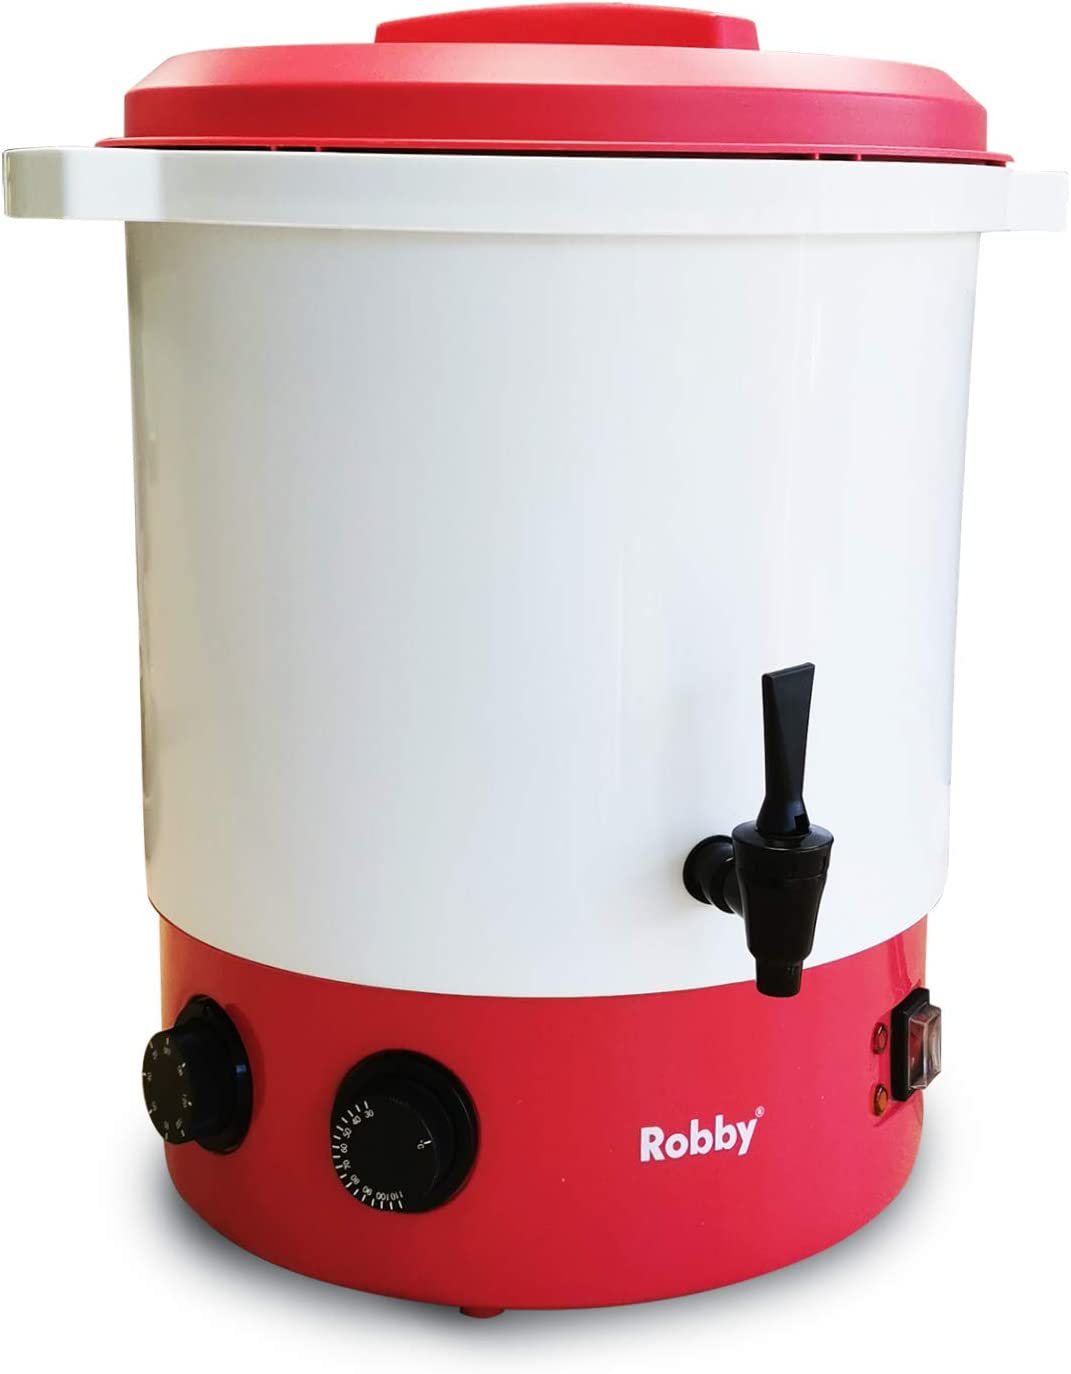 Robby - steri one - Stérilisateur électrique avec robinet et minuteur 28l 2100w